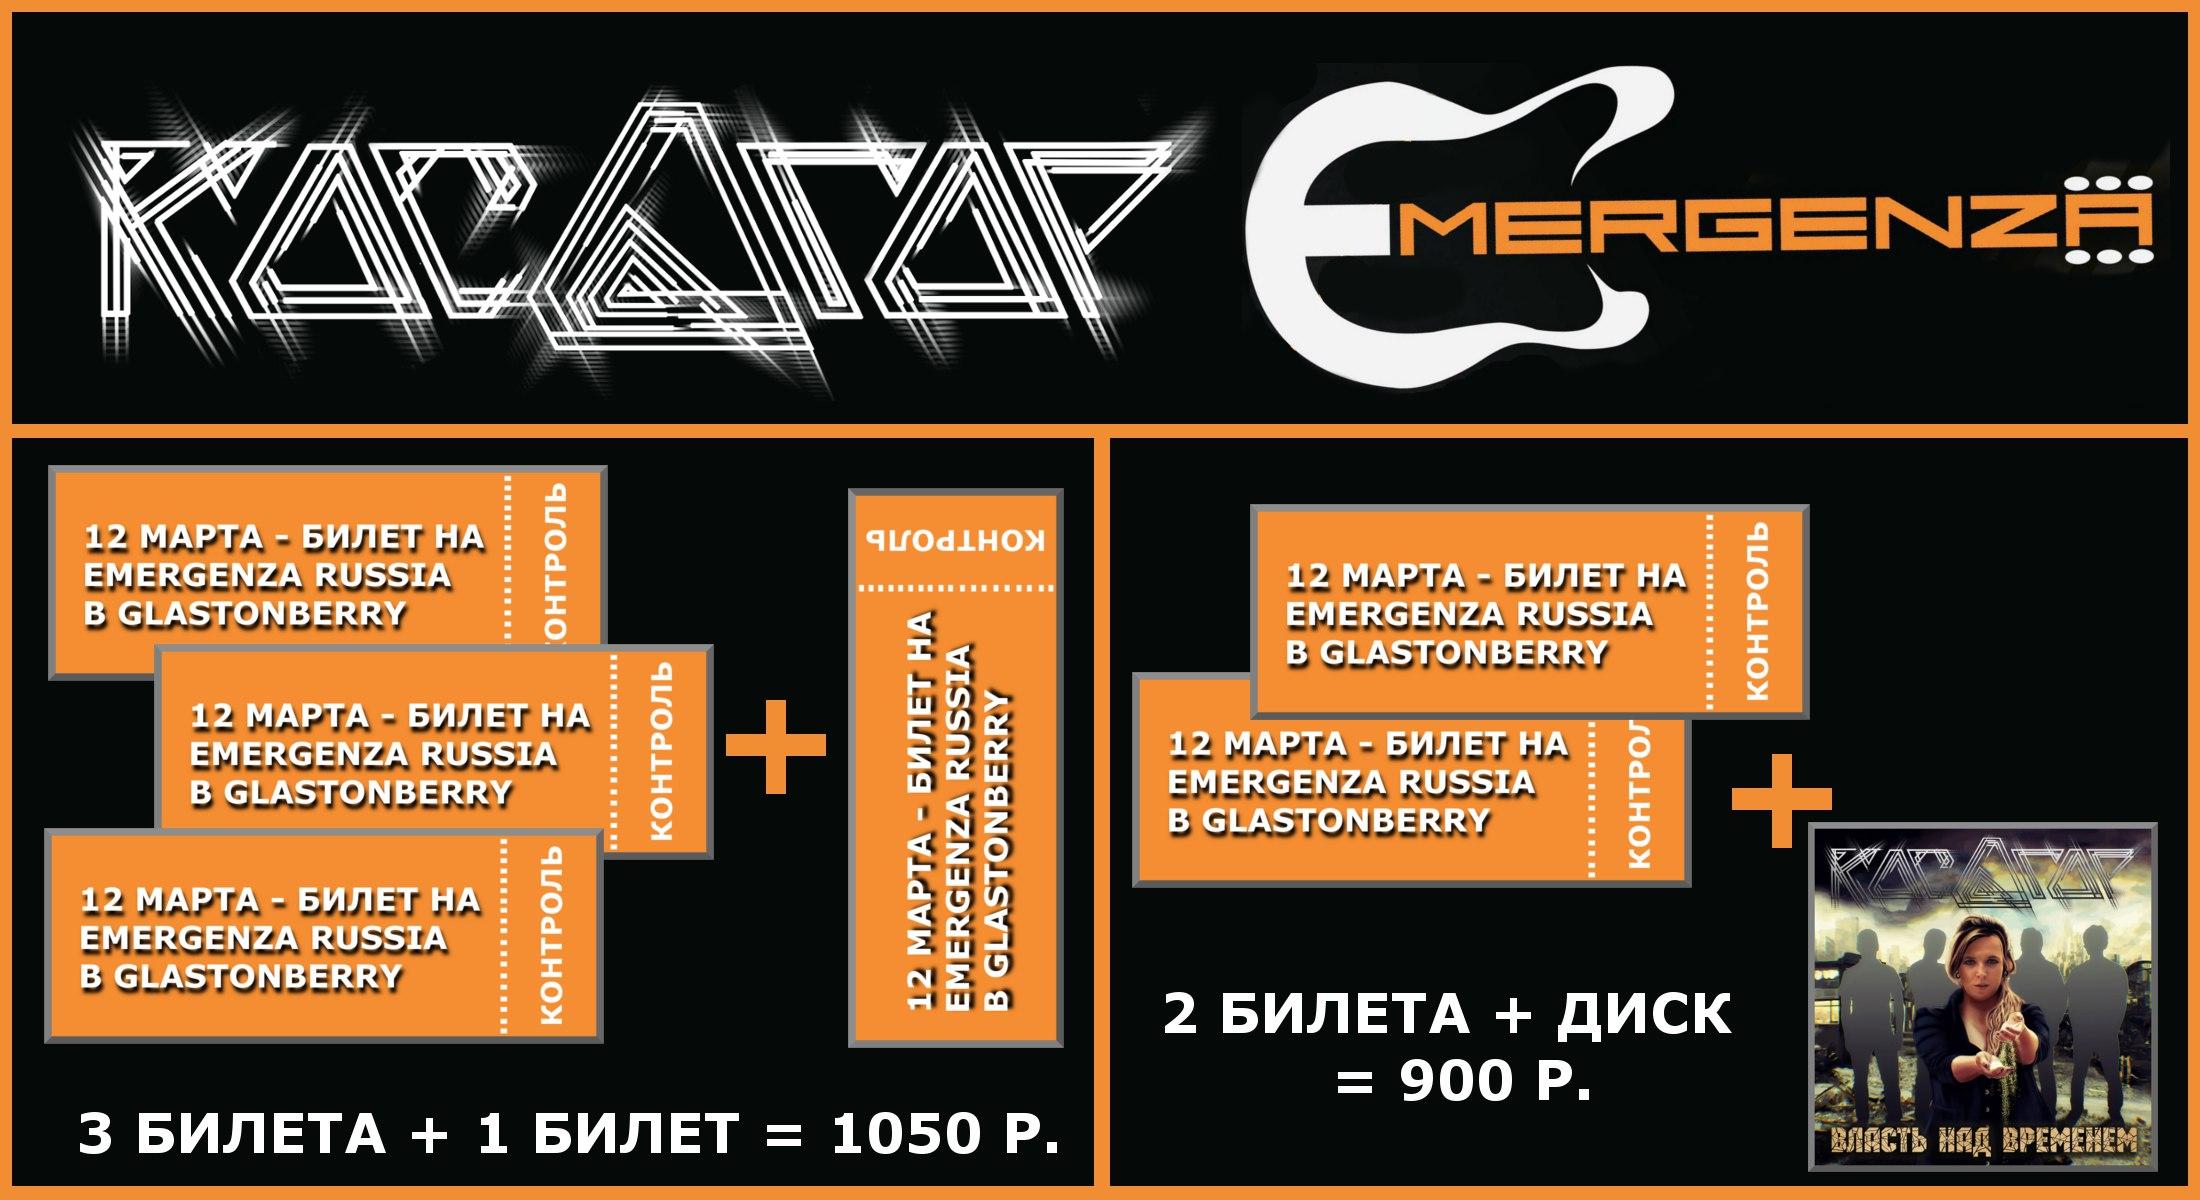 Фестиваль Emergenza 2016/2017 Мск - 2nd step/13